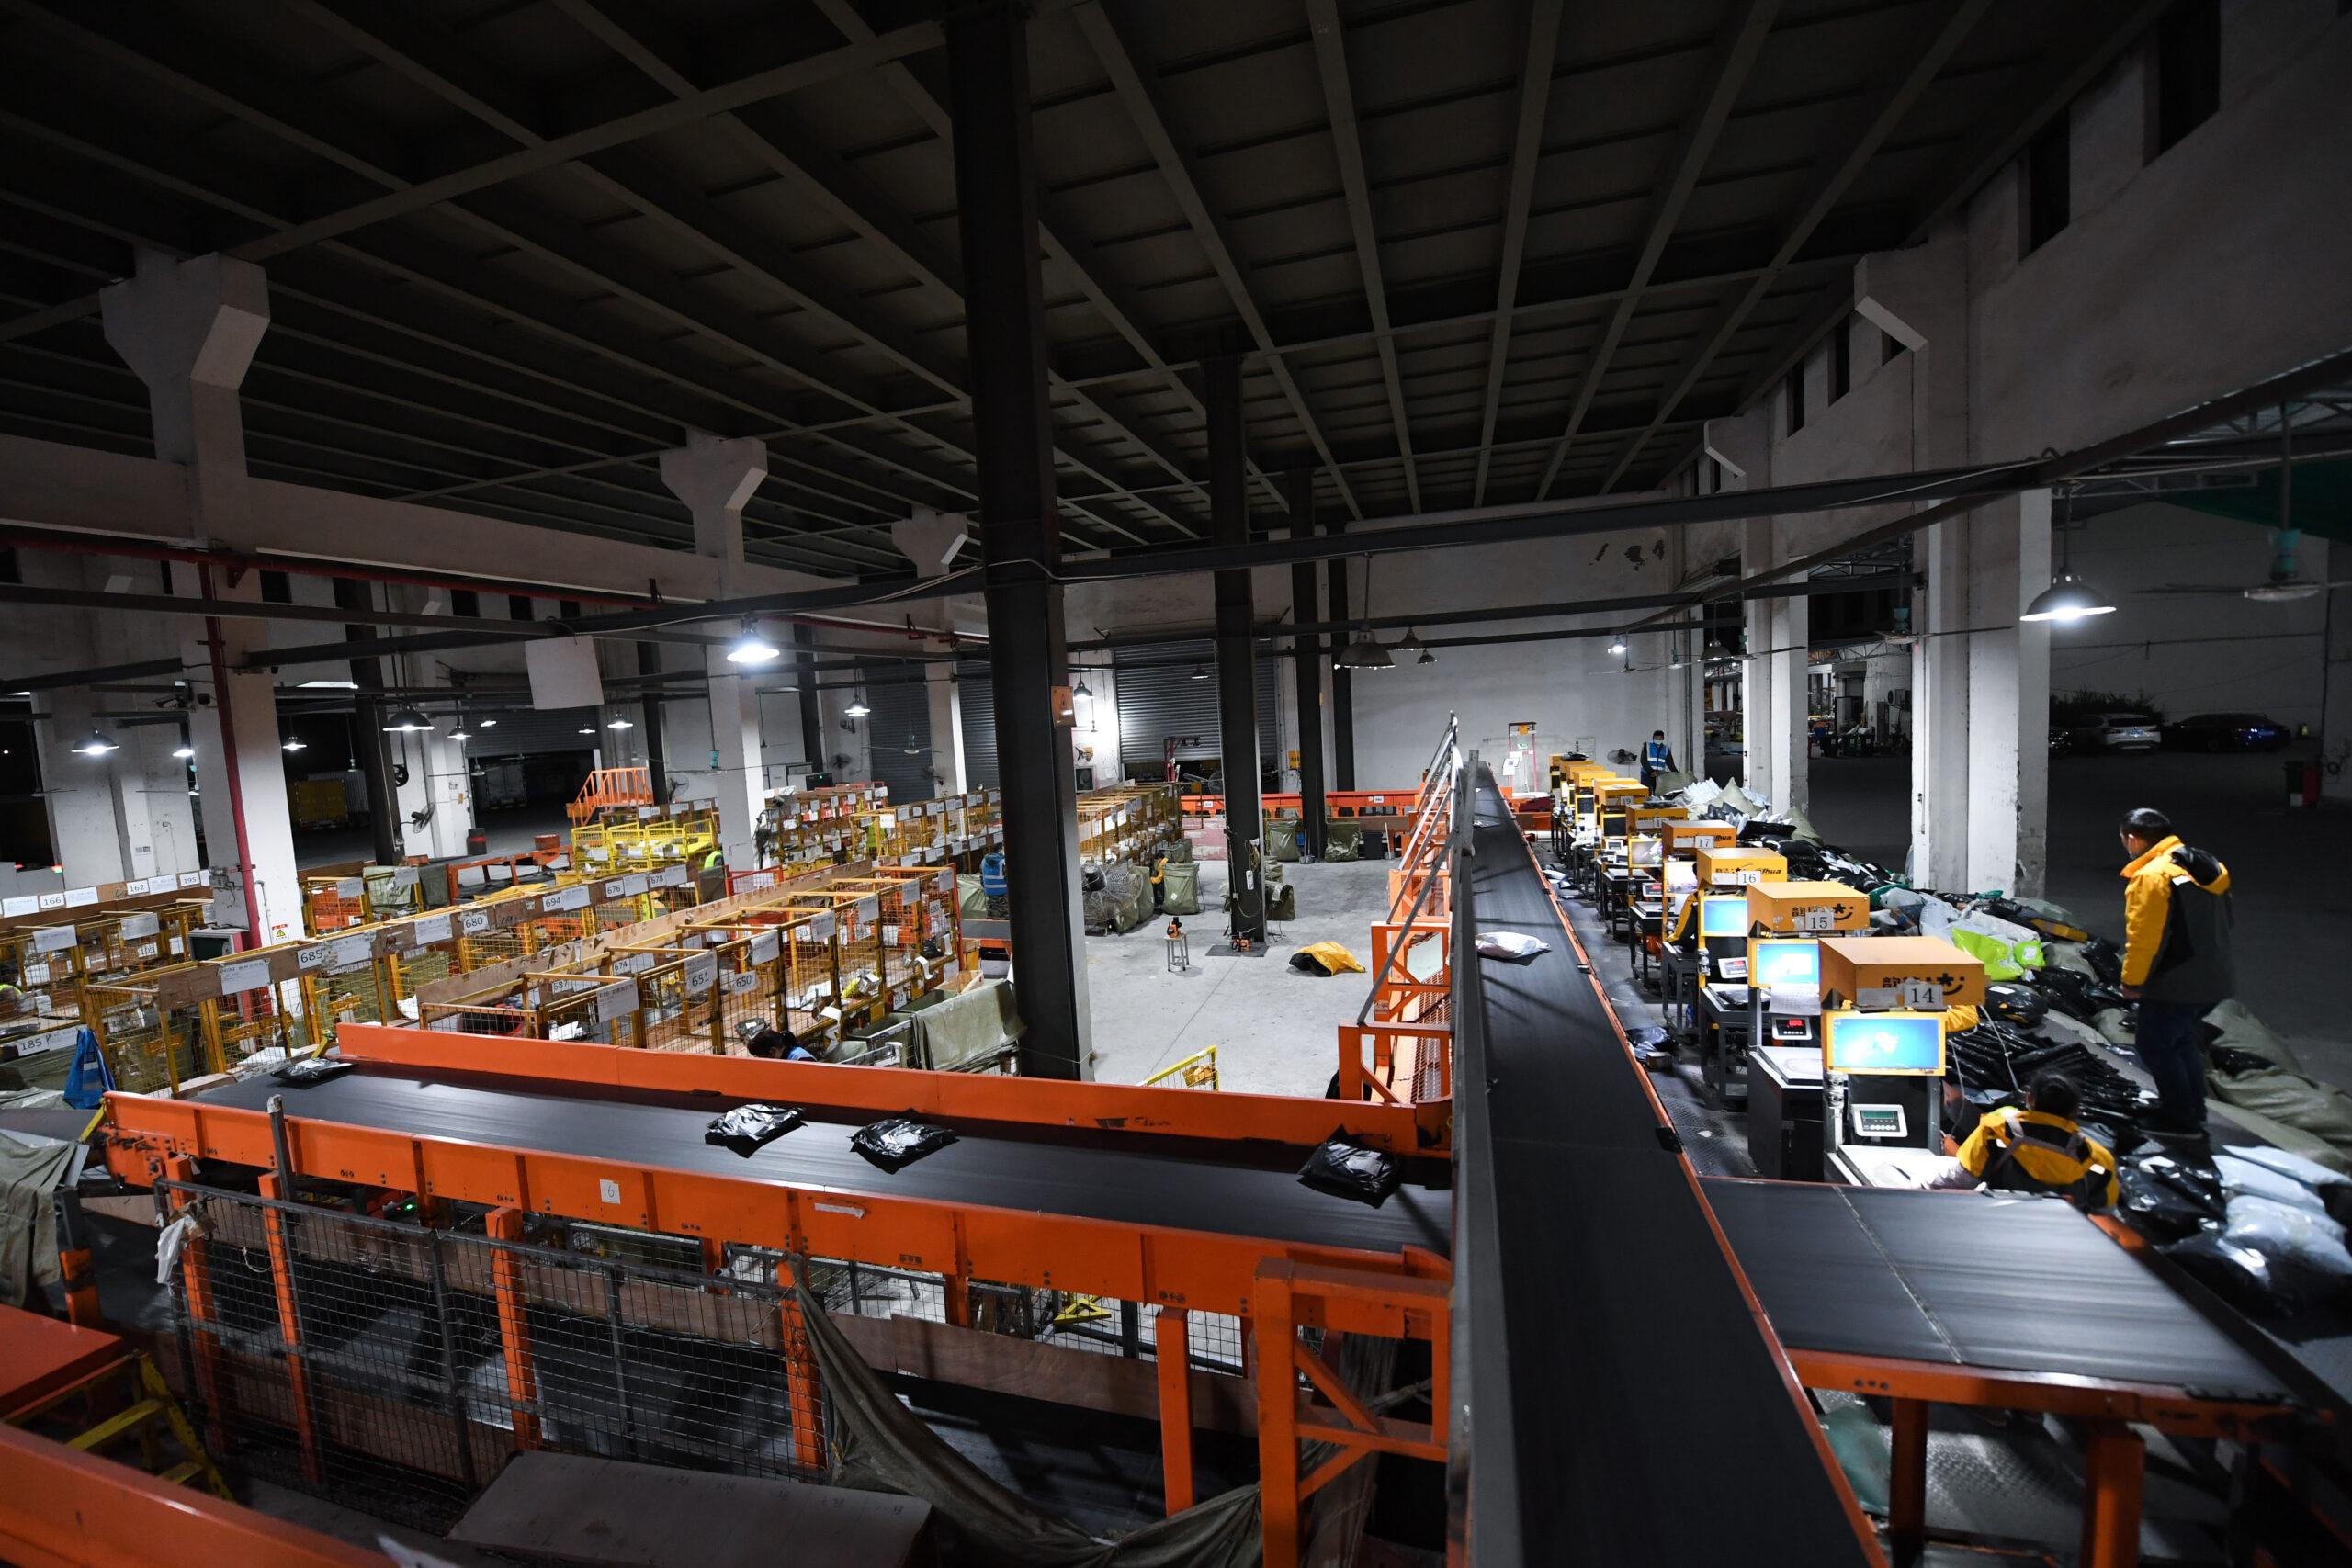 อุตสาหกรรม 'โลจิสติกส์' ของจีน เติบโตคืนระดับก่อนโควิด-19